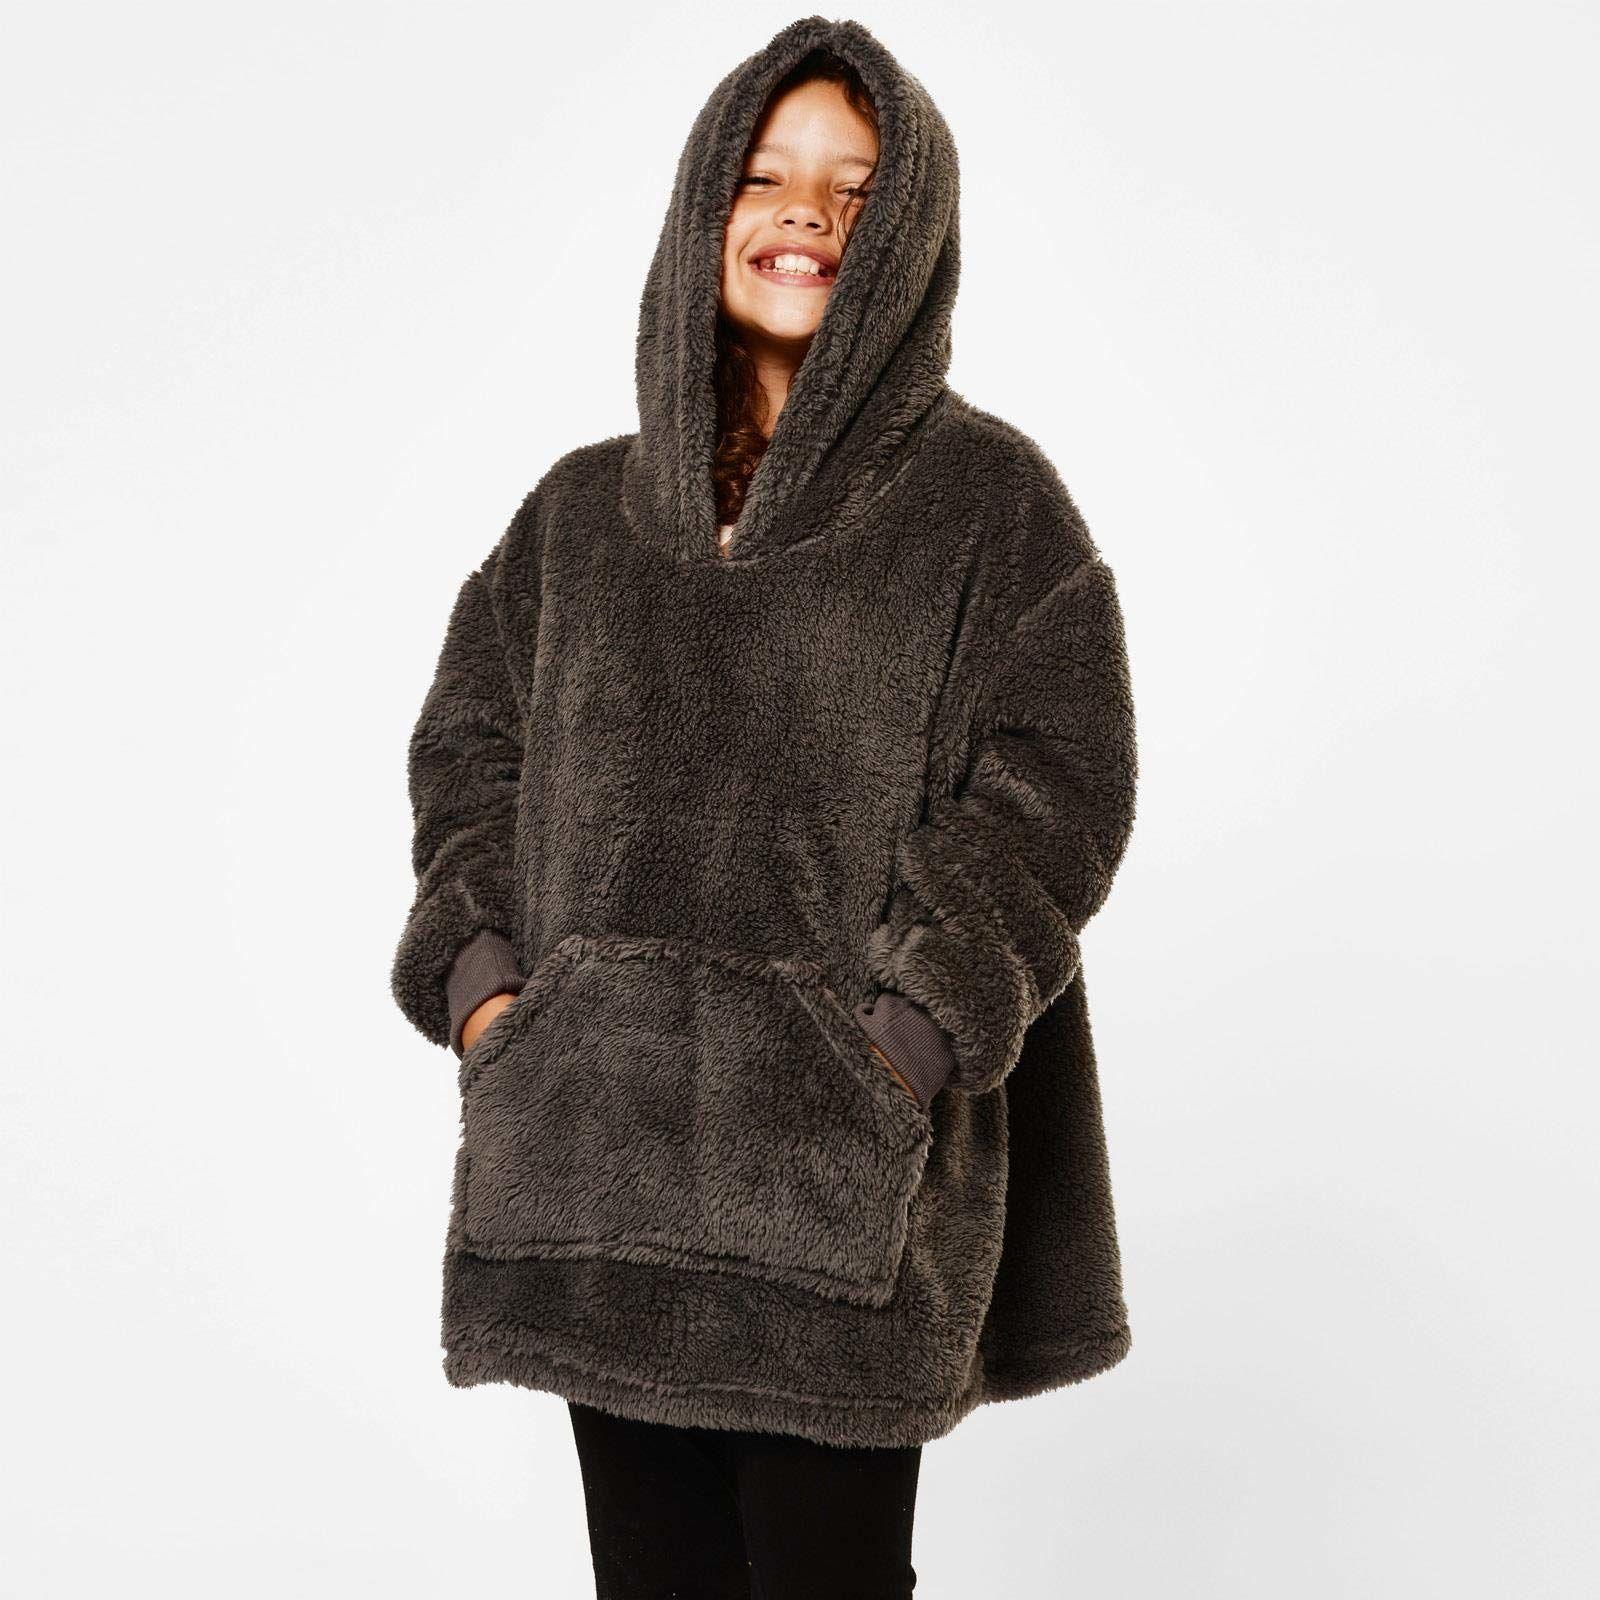 Brentfords Miś polarowy koc z kapturem do noszenia miękki ciepły puszysty ponadwymiarowy termiczny narzuta koc z kapturem dla dzieci, jeden rozmiar, ciemny szary - dzieci